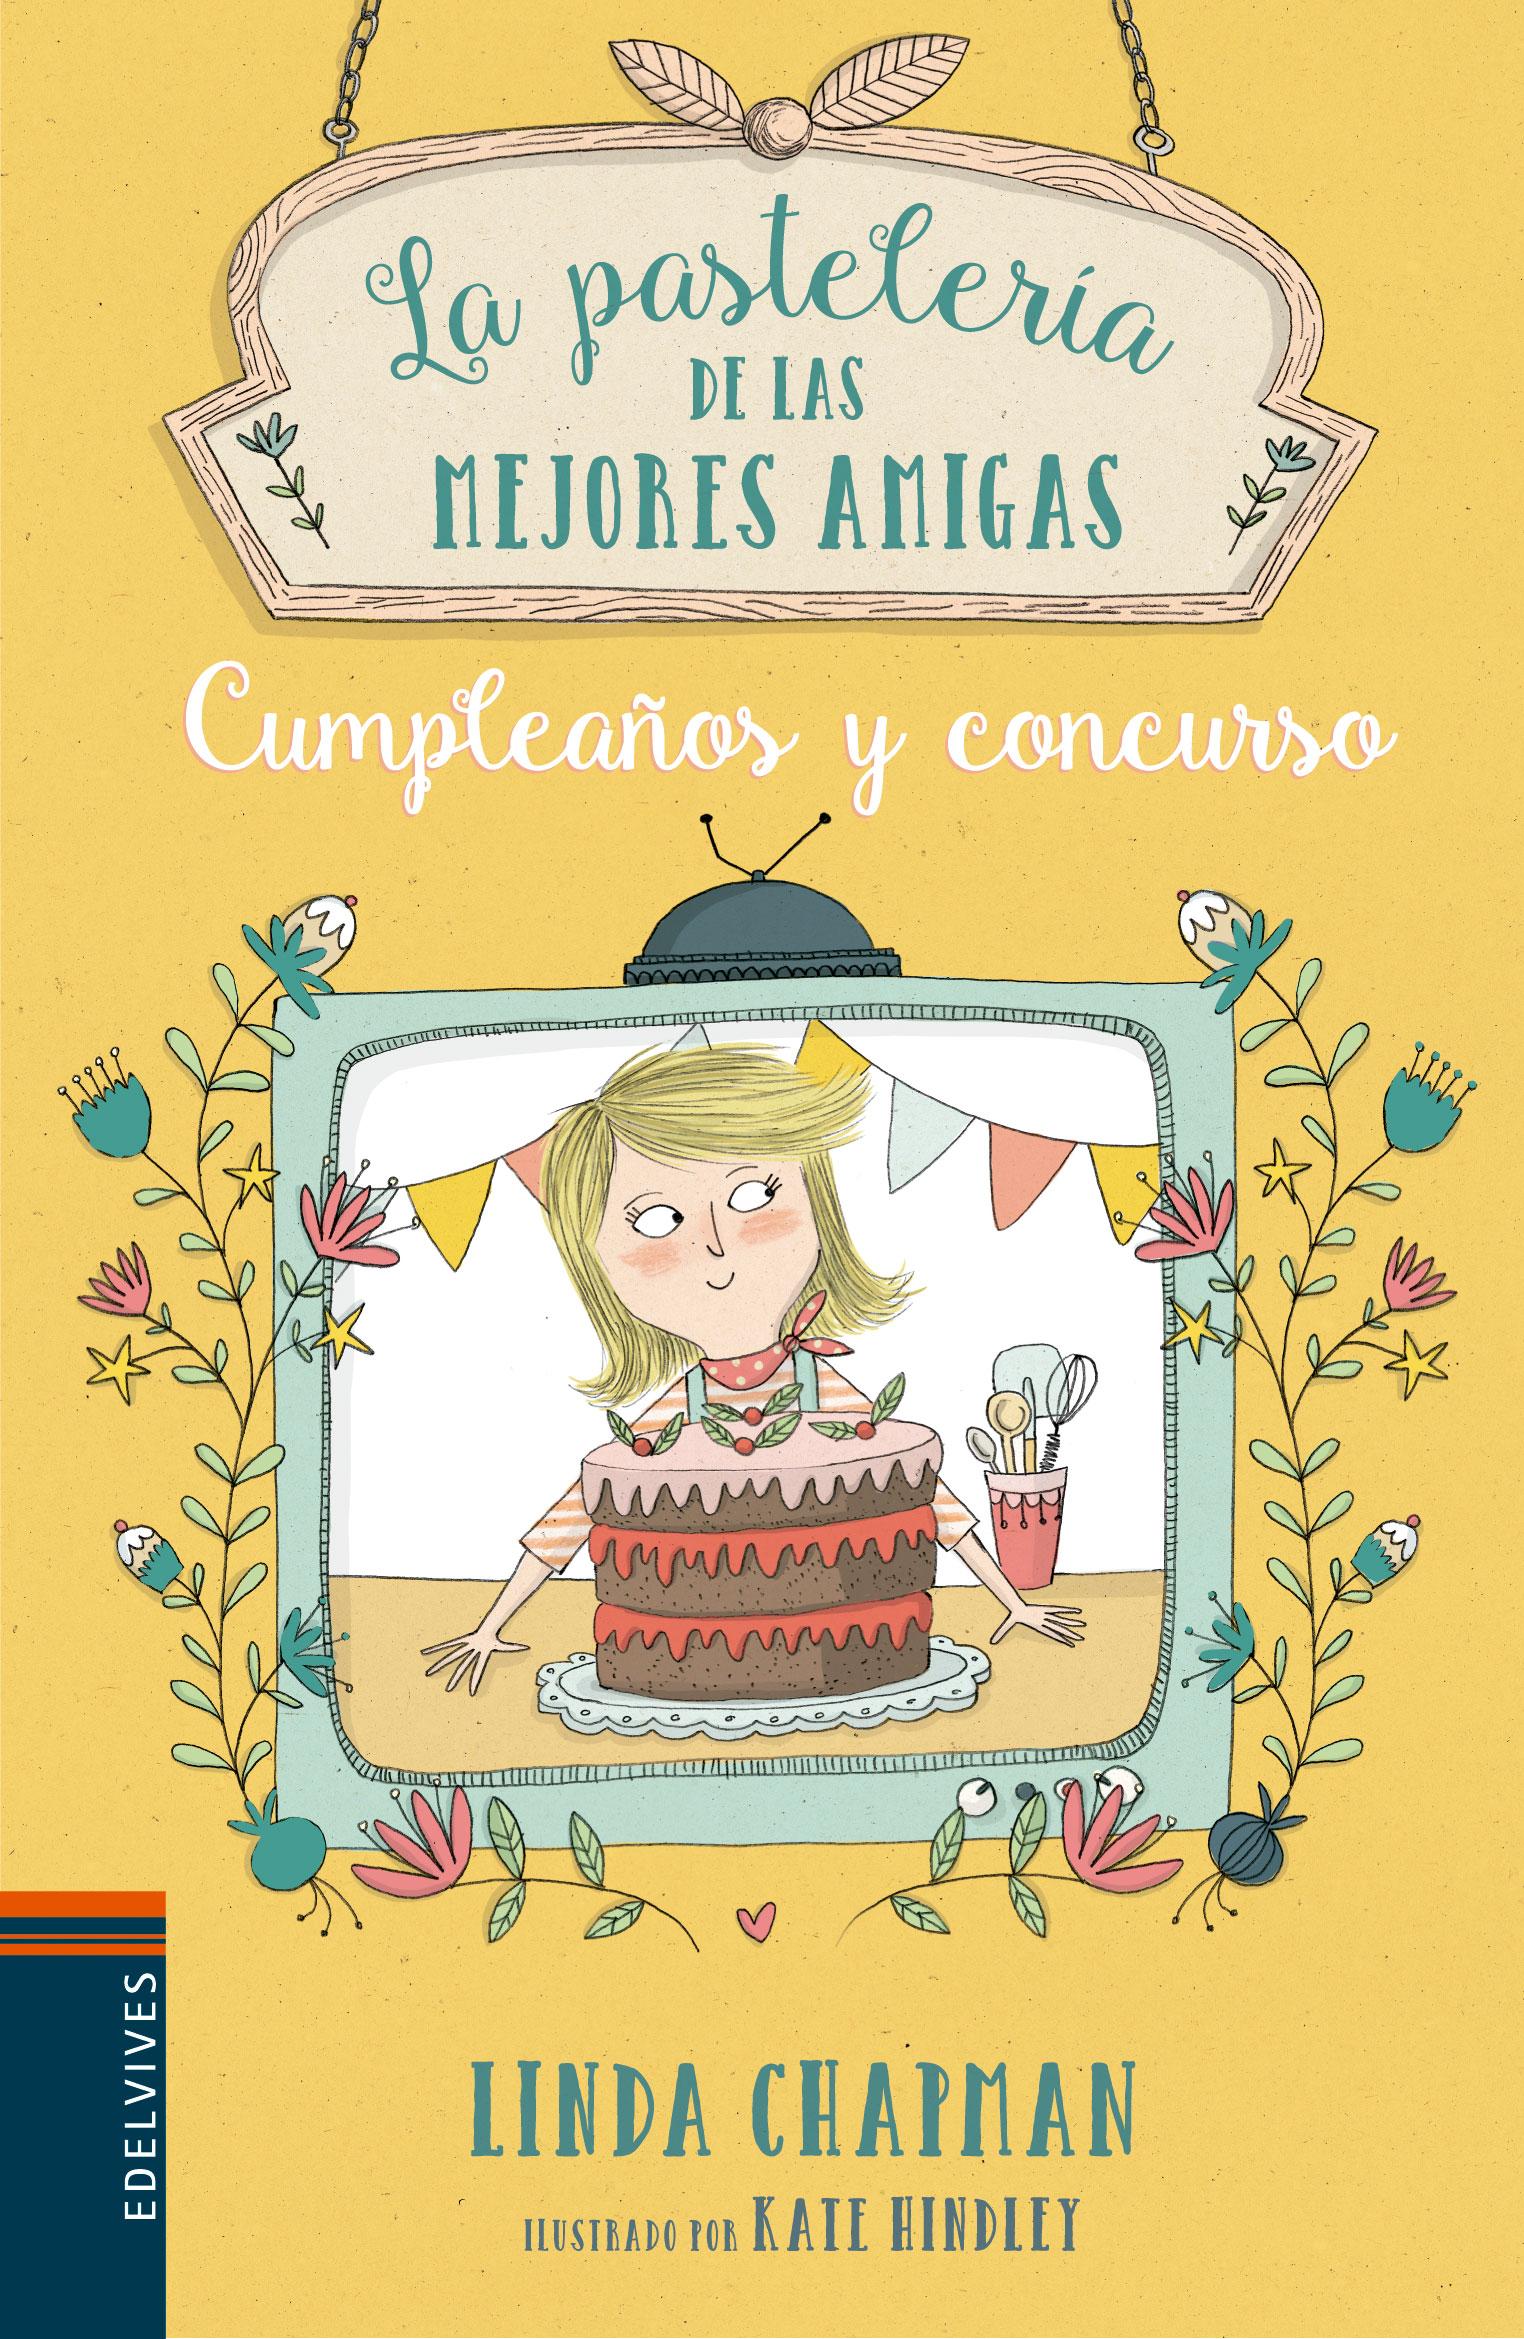 La Pasteleria De Las Mejores Amigas 3 Cumpleaños Y Concurso Linda Chapman Comprar Libro 9788414010747